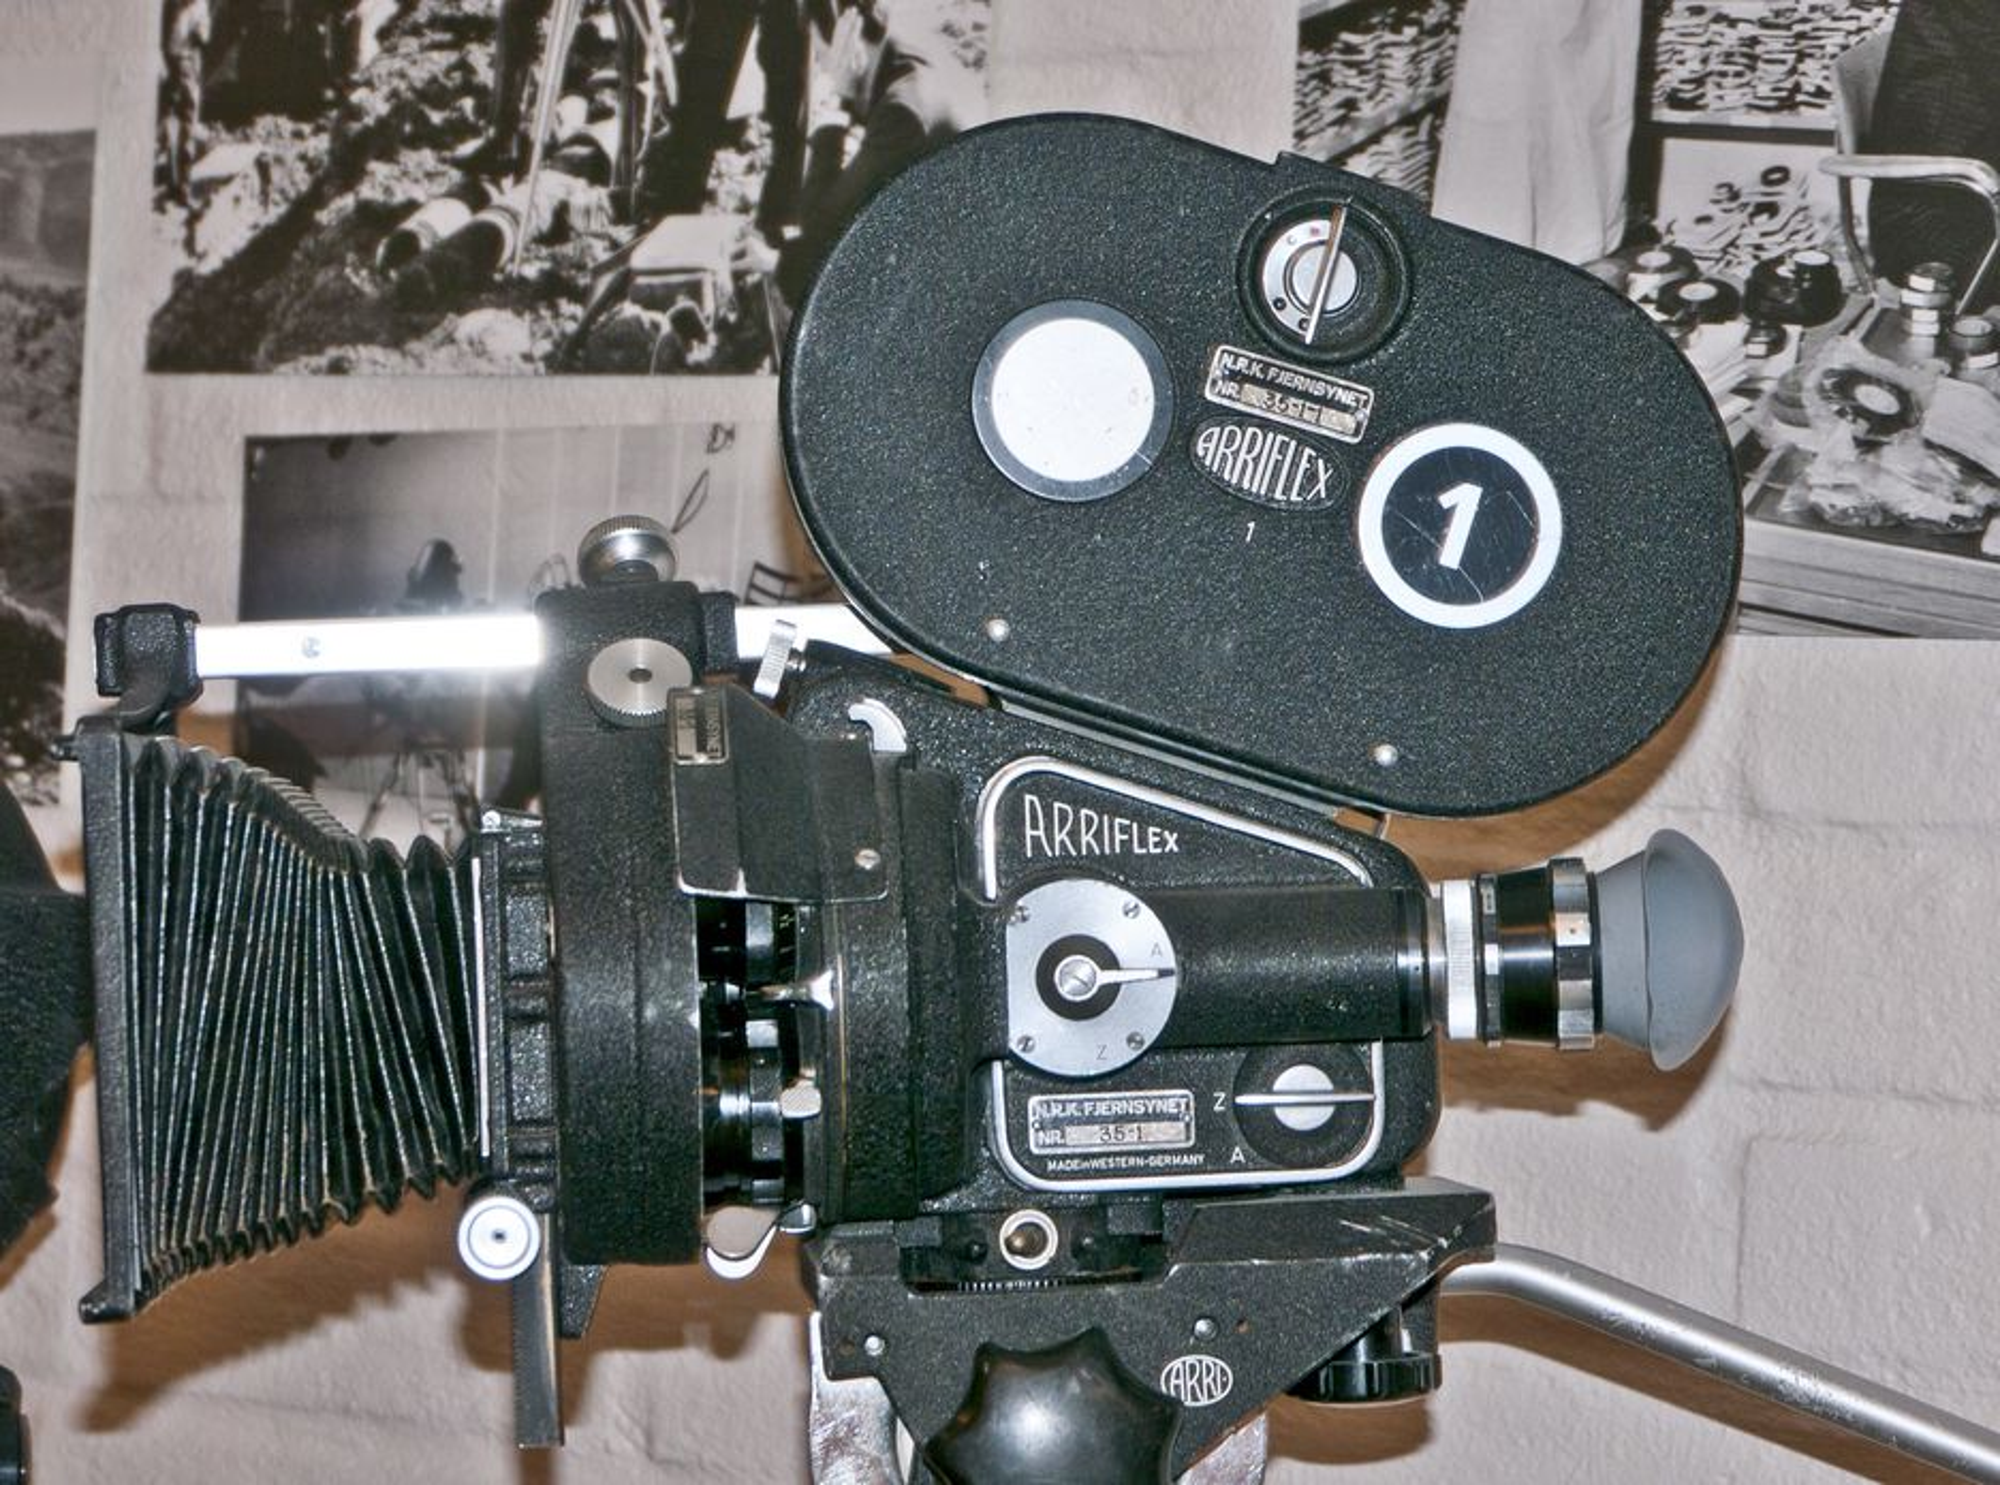 FILM: Det tok lang tid før video var bærbart. NRK var storforbrukere av film som ble brukt i sendingene, og dette bærbare kameraet var et typisk feltinstrument.